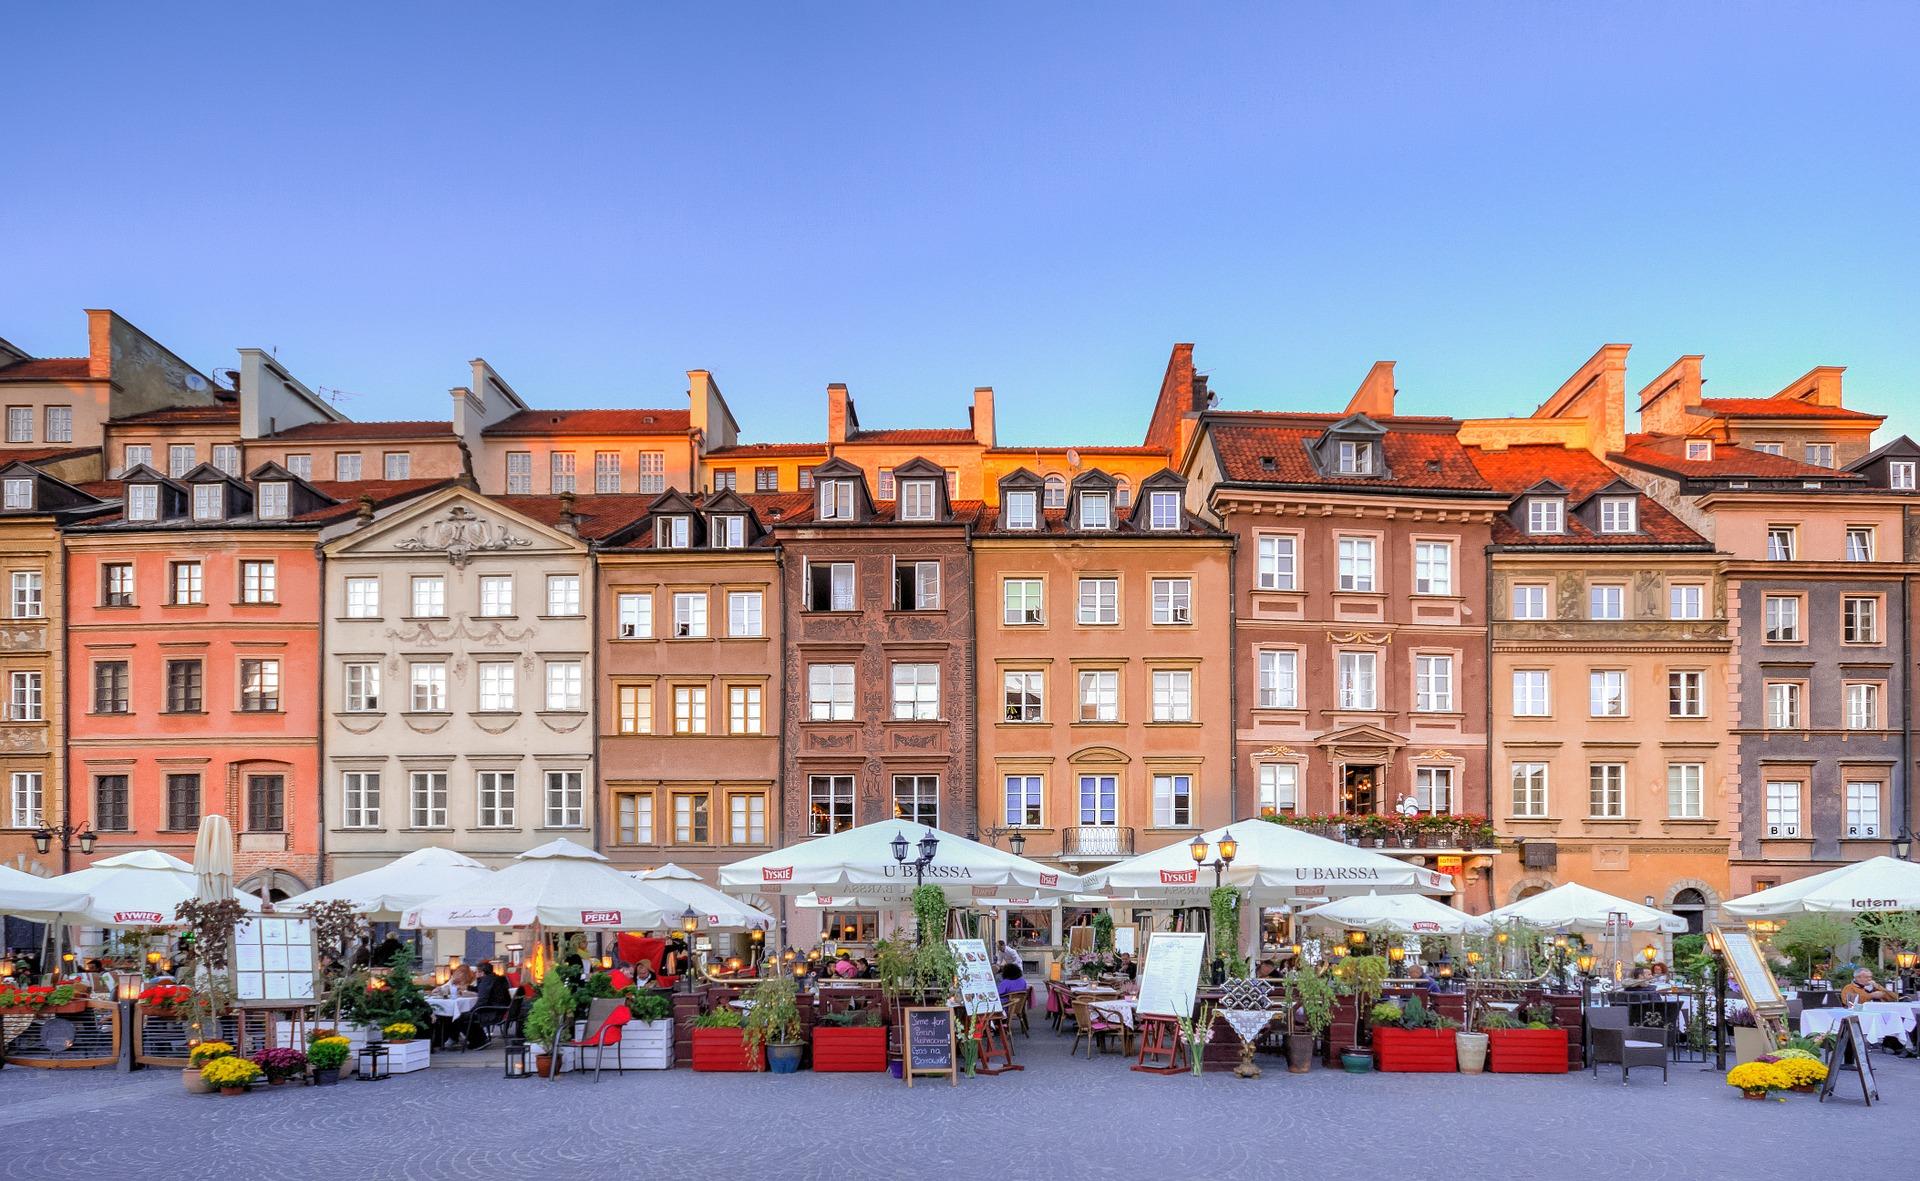 co robić w sobotni wieczór w Warszawie, Warszawa wieczorem, restauracja w Warszawie, Restauracja Akademia